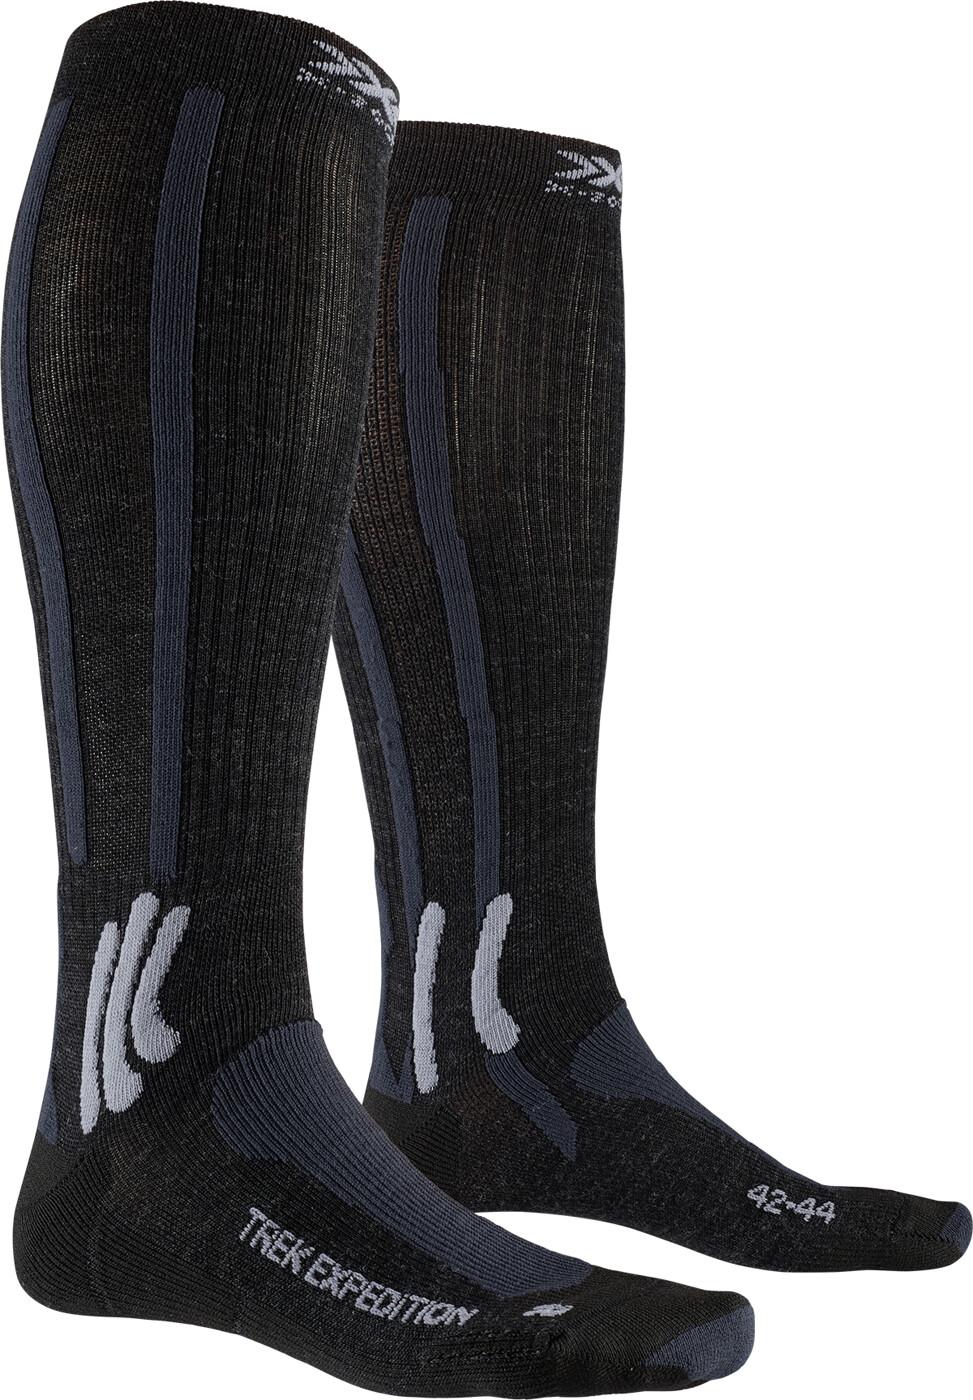 X-BIONIC TREK EXPEDITION Socken - Herren